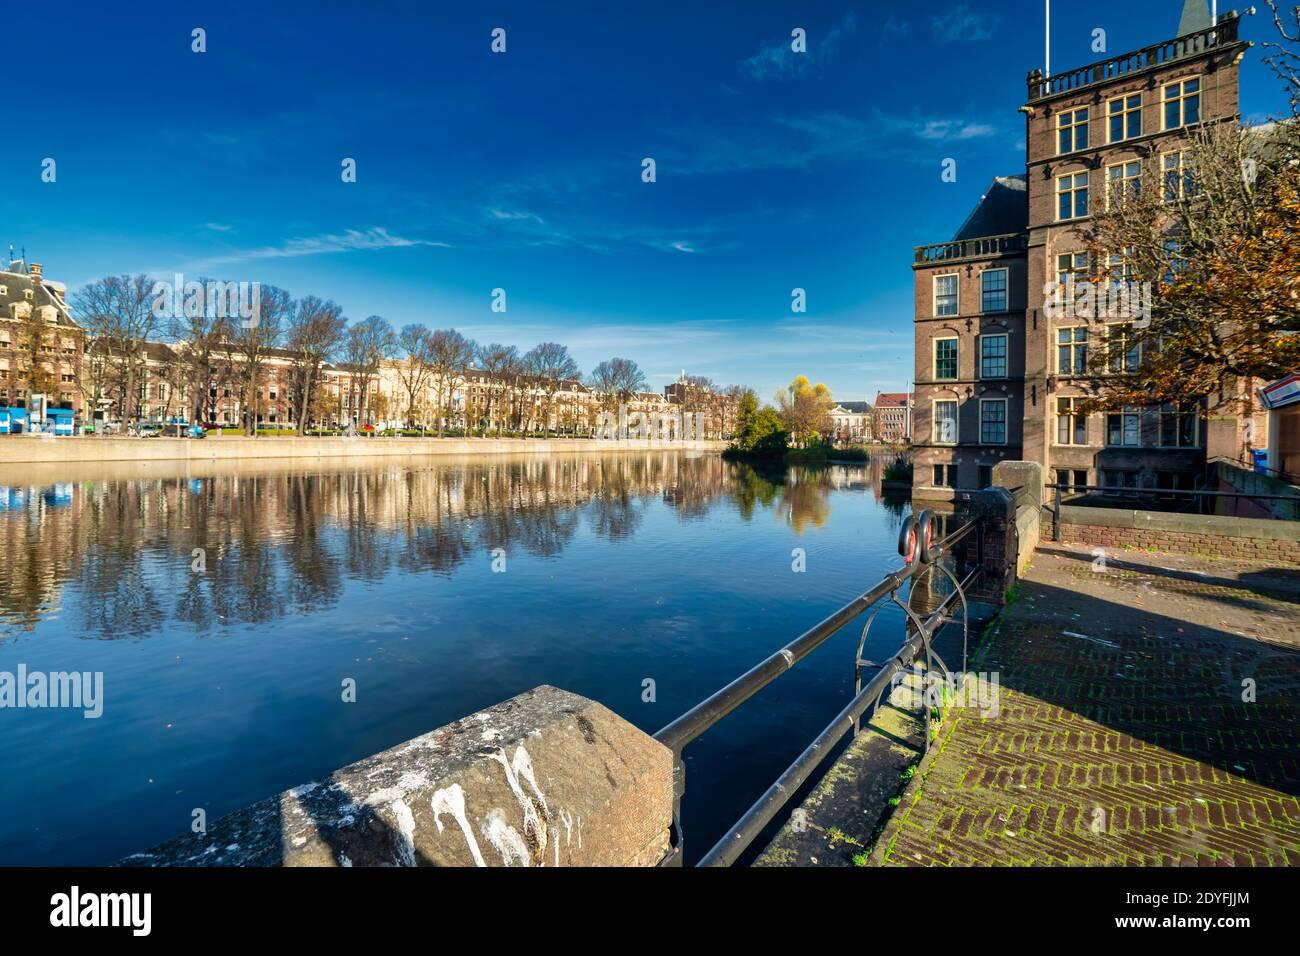 La haya, los países Bajos - 9 de noviembre de 2020: Parque casi desierto junto al estanque en la ciudad. Parque visto sobre el agua Covid-19 concepto pandémico: COVID Foto de stock